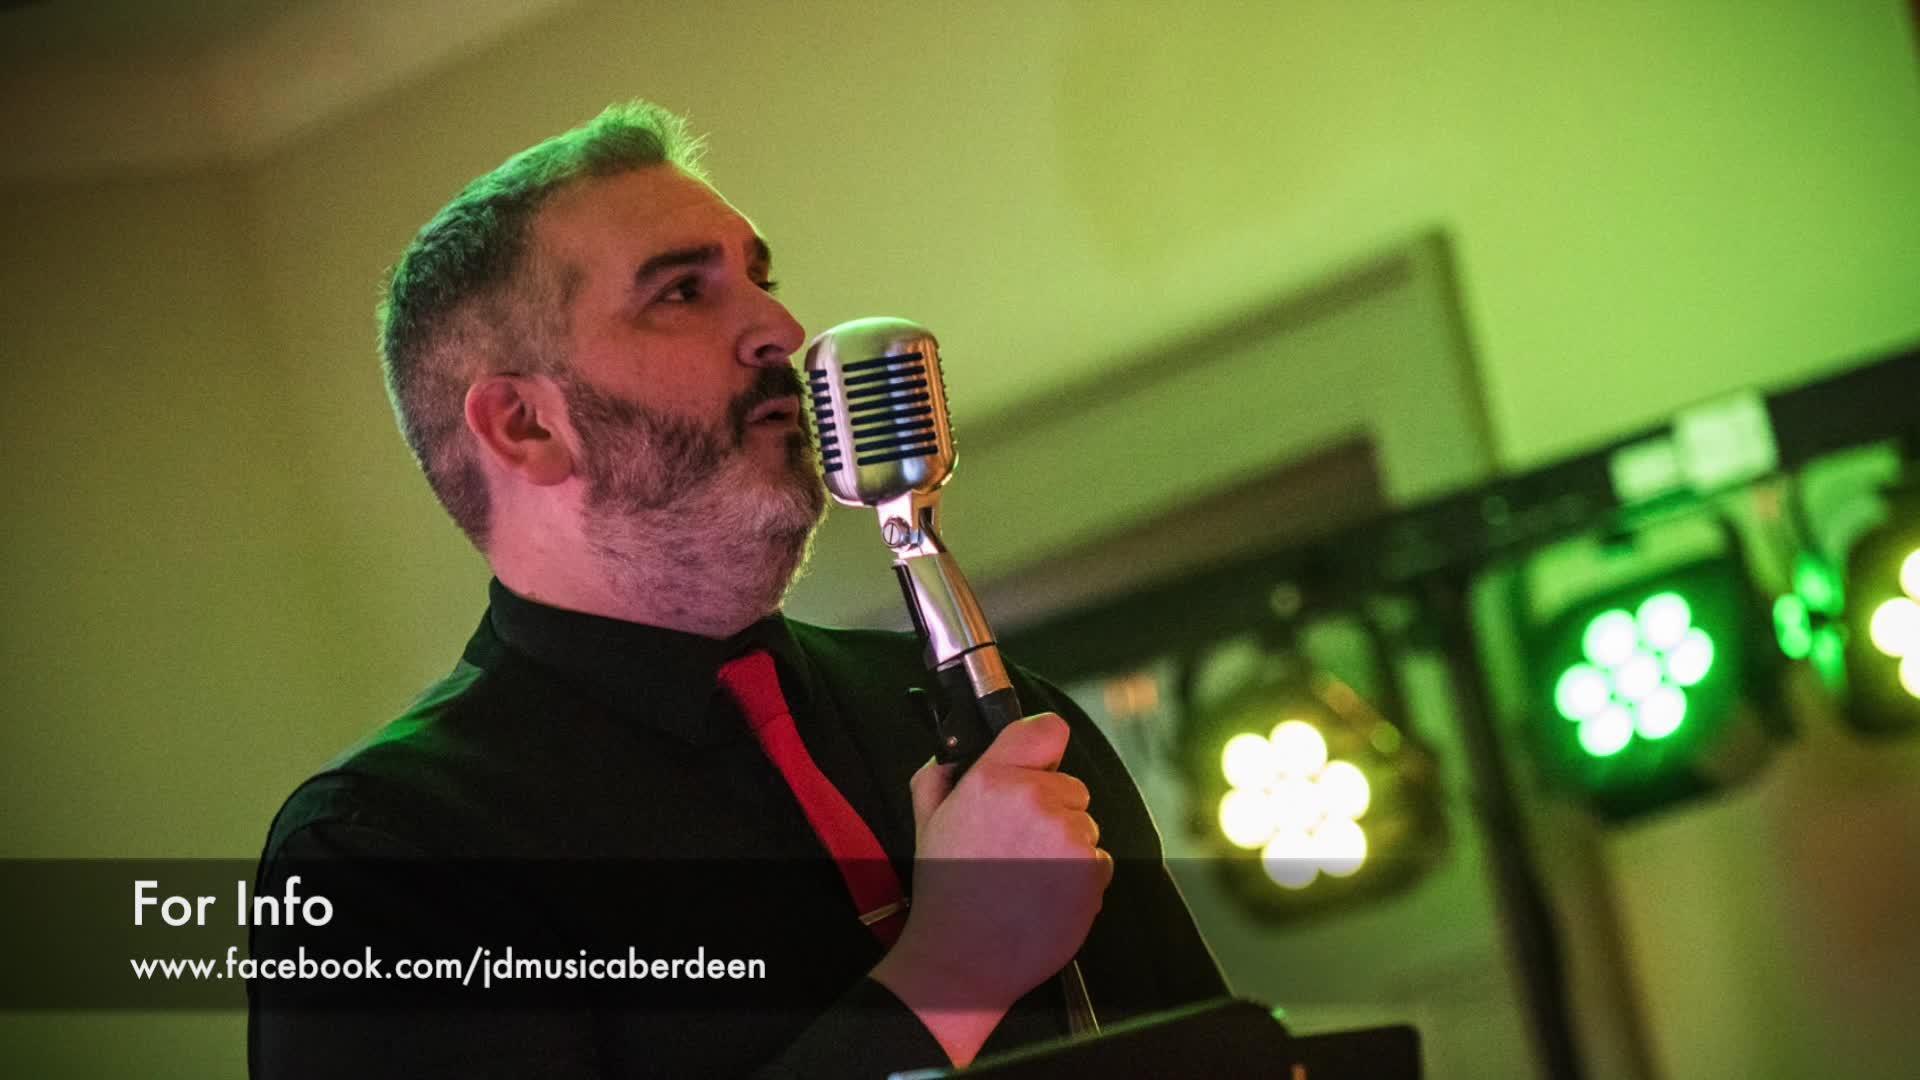 JD Sings...Shine